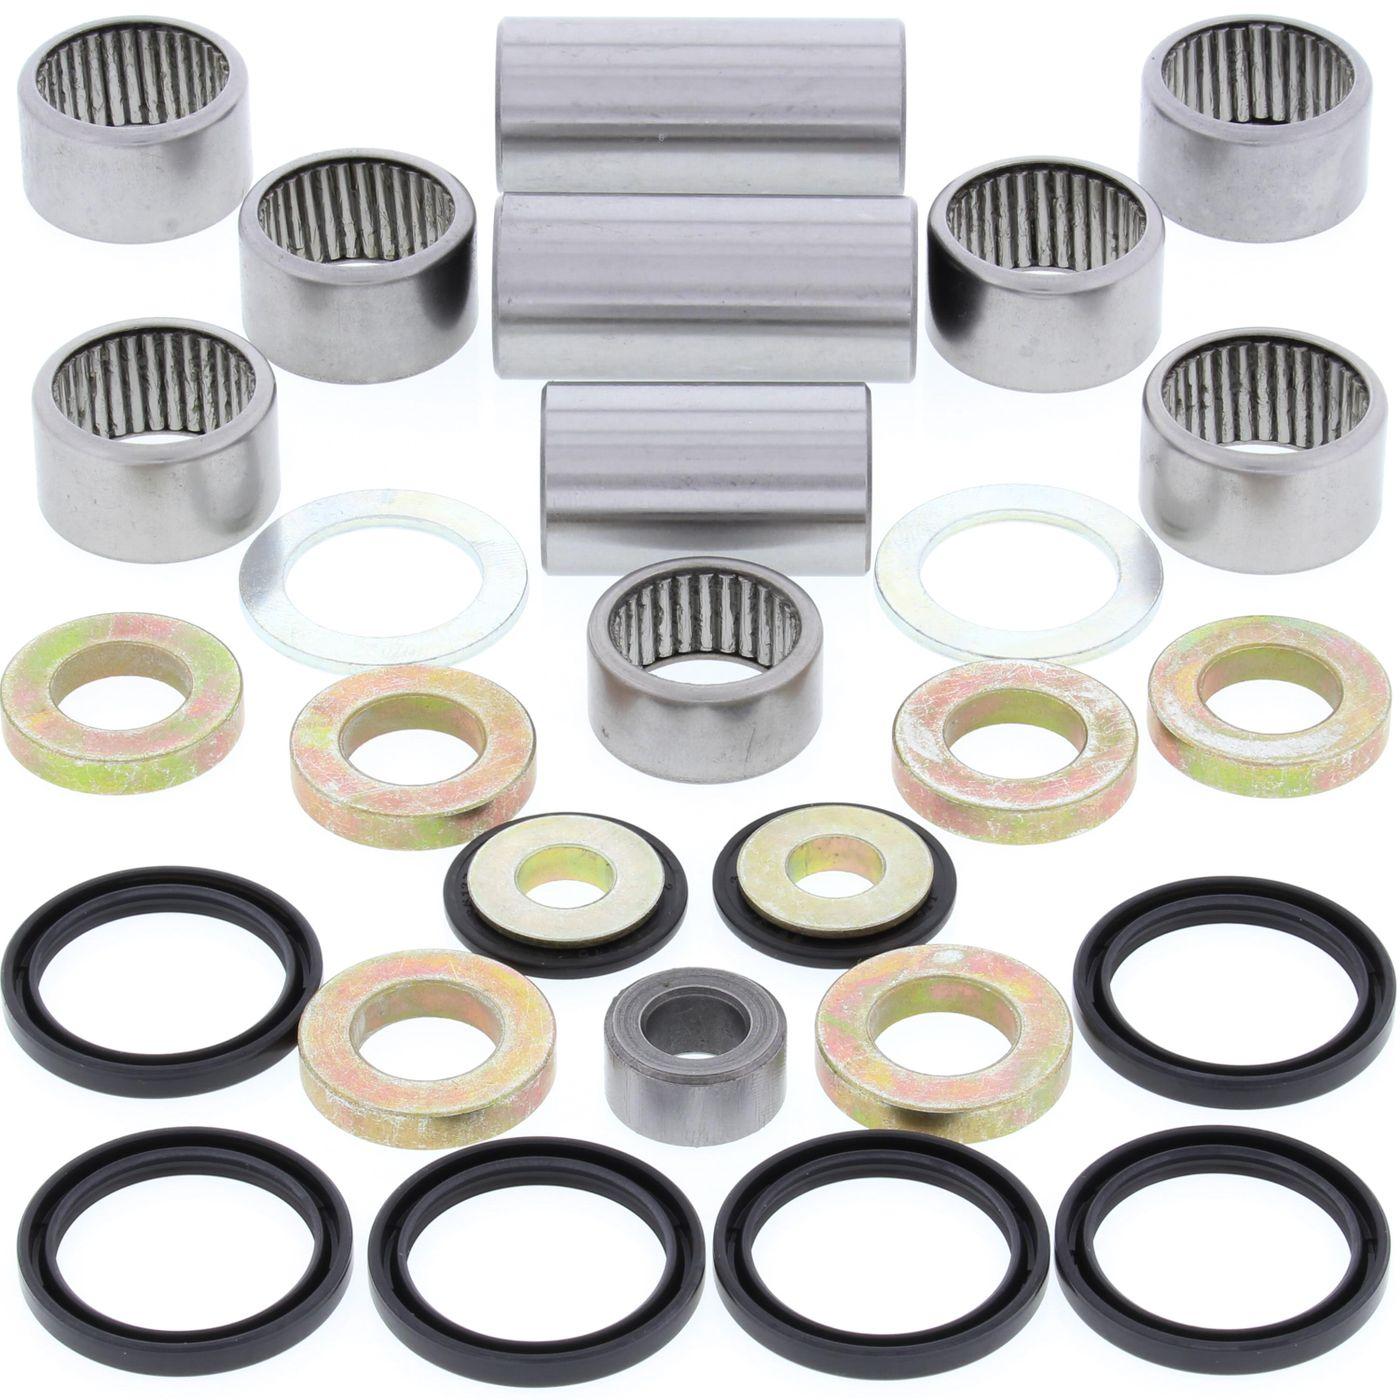 wrp shock linkage bearing kits - WRP271007 image